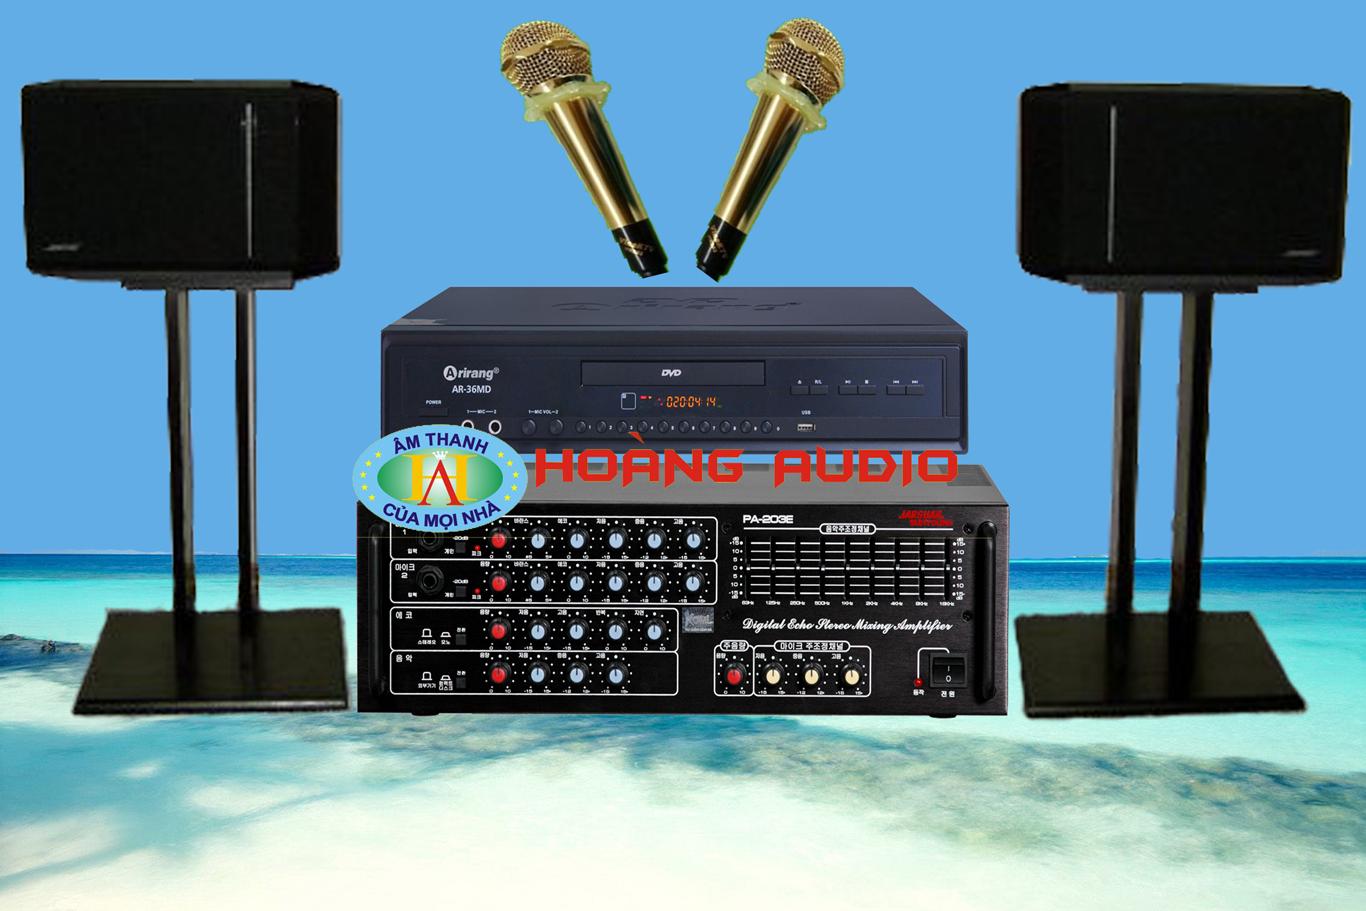 Thumbnail image for Bộ dàn karaoke gia đình HO 40